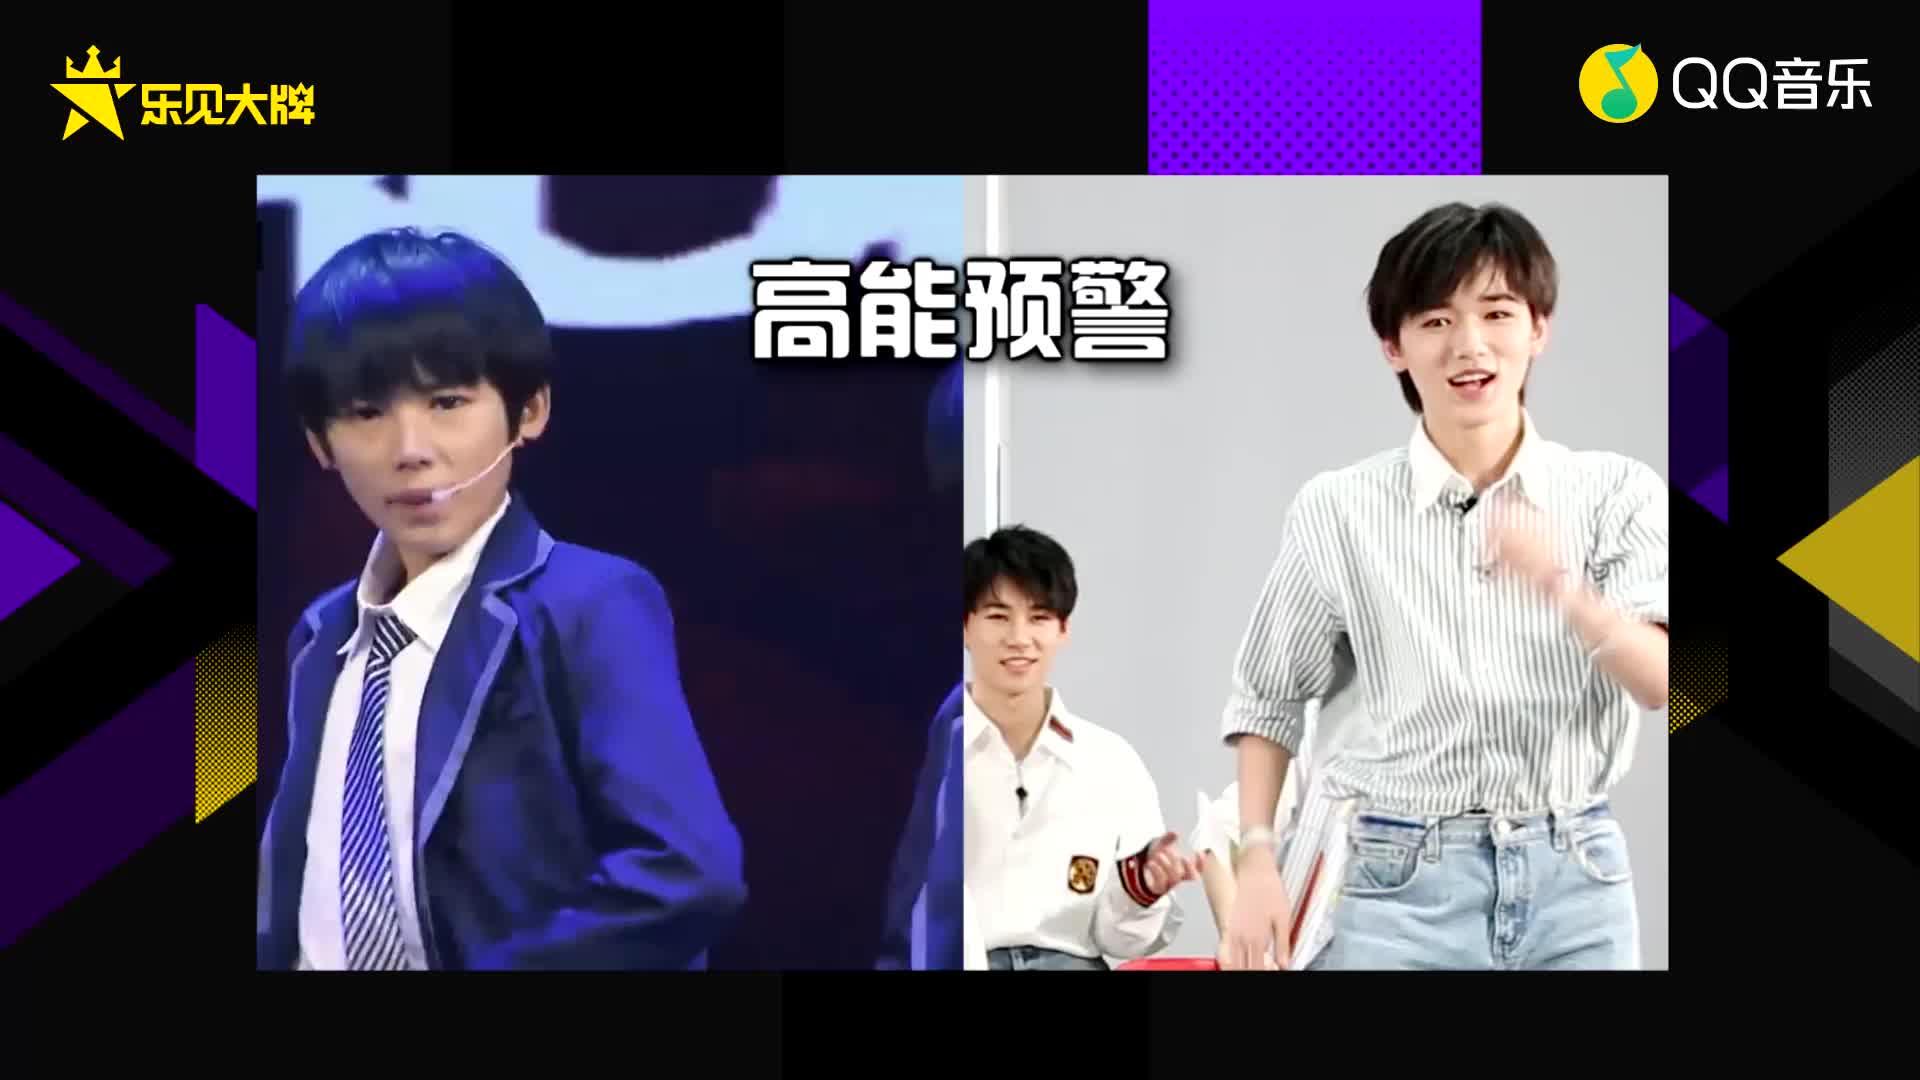 乐见大牌-时代少年团-乐见大牌独家专访(中): TNT高能王风云再起(蓝光)